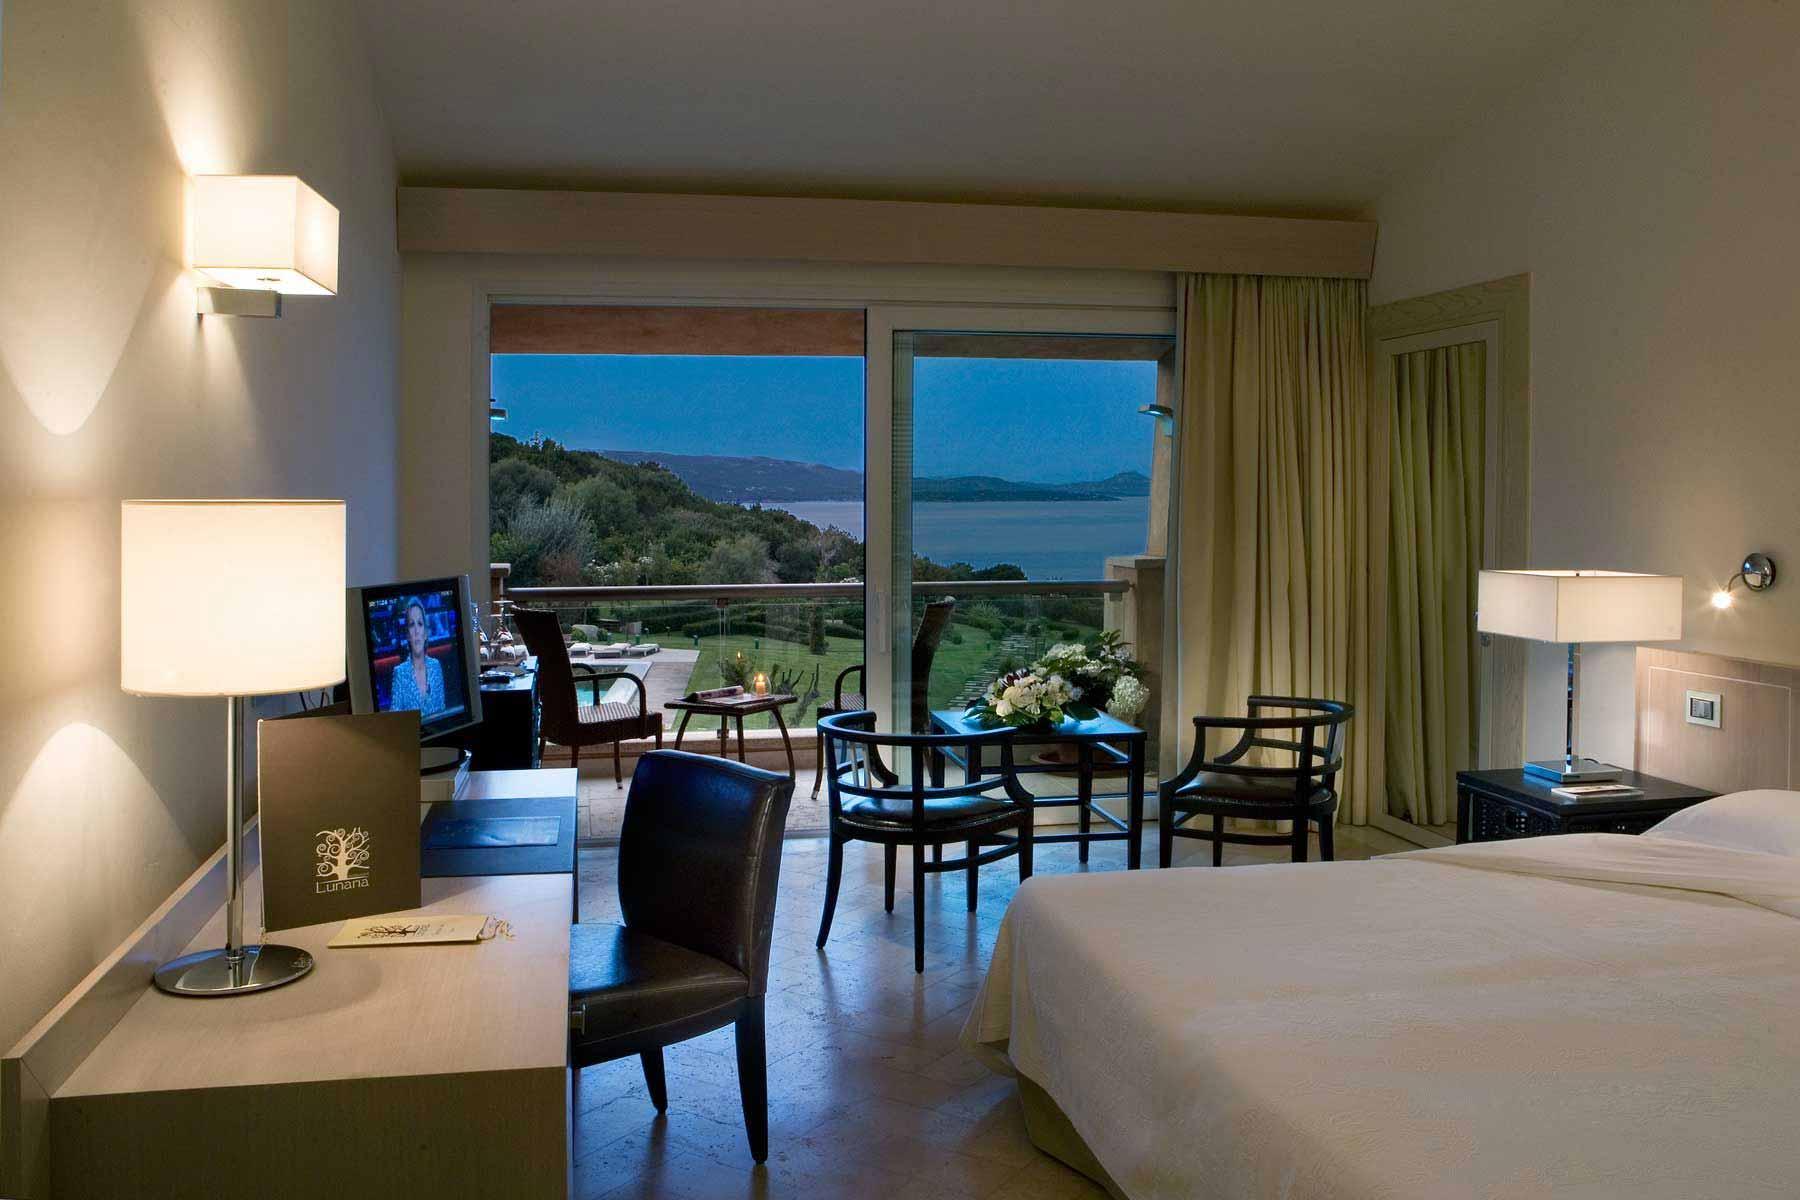 Deluxe room at L'Ea Bianca Luxury Resort